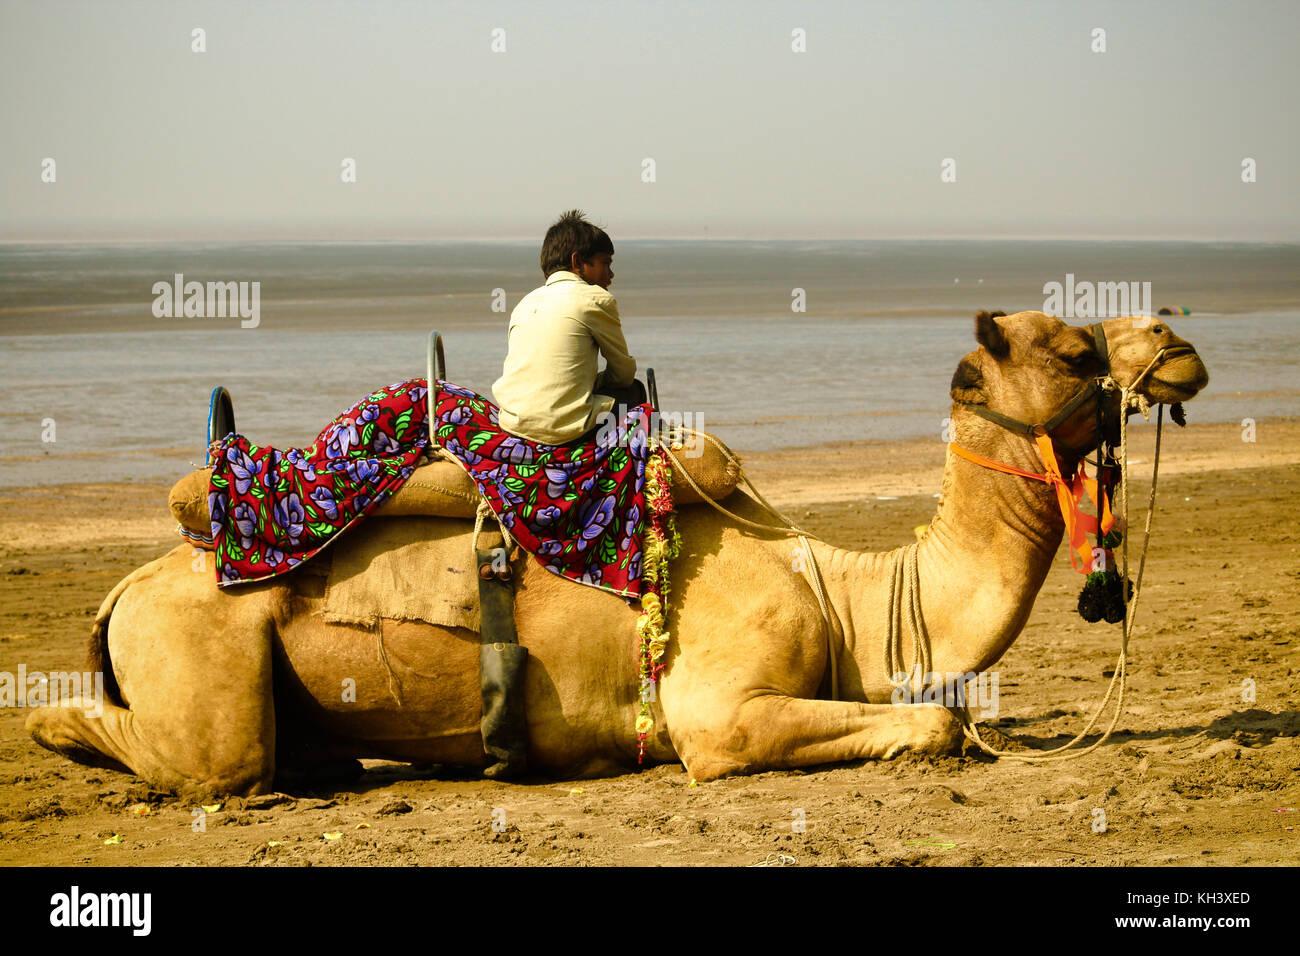 Un ragazzo sul lato spiaggia guadagna il suo sostentamento fornendo corsa in cammello per i turisti. Immagini Stock